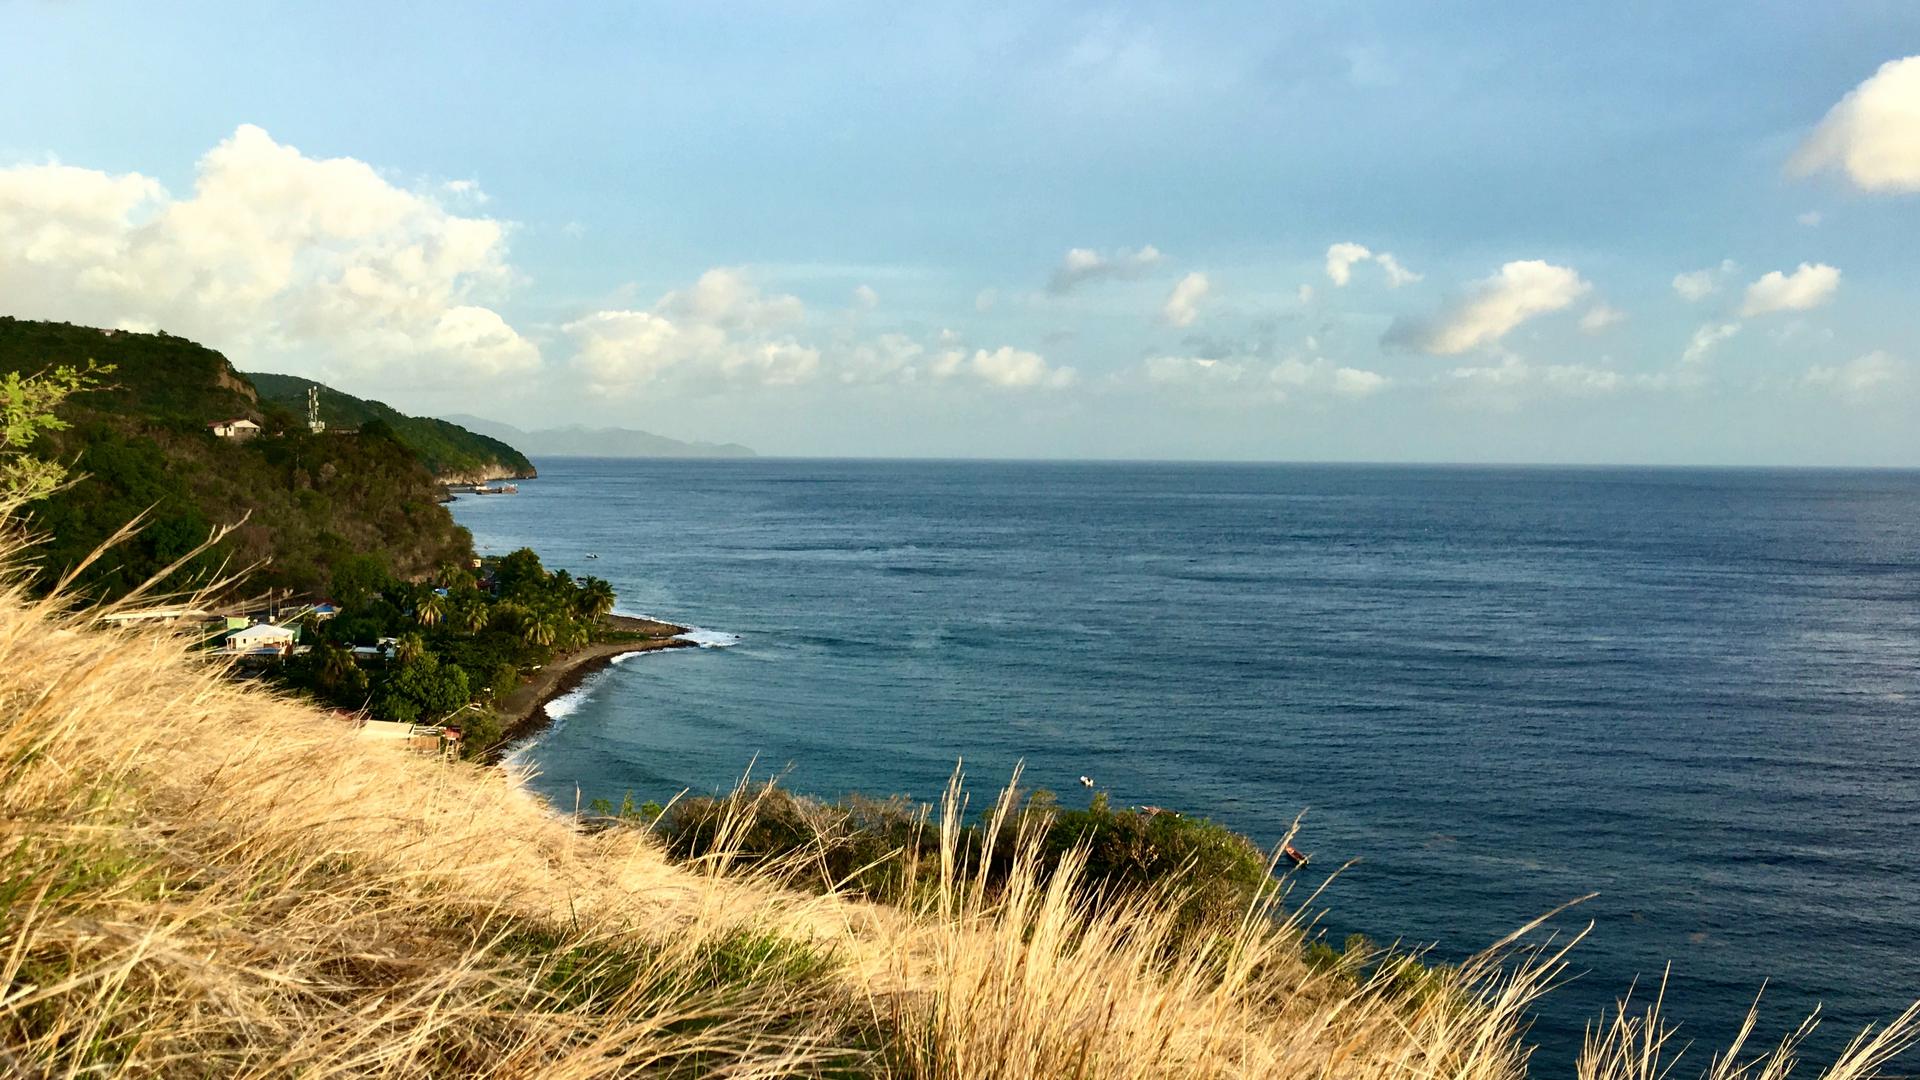 A view in Martinique